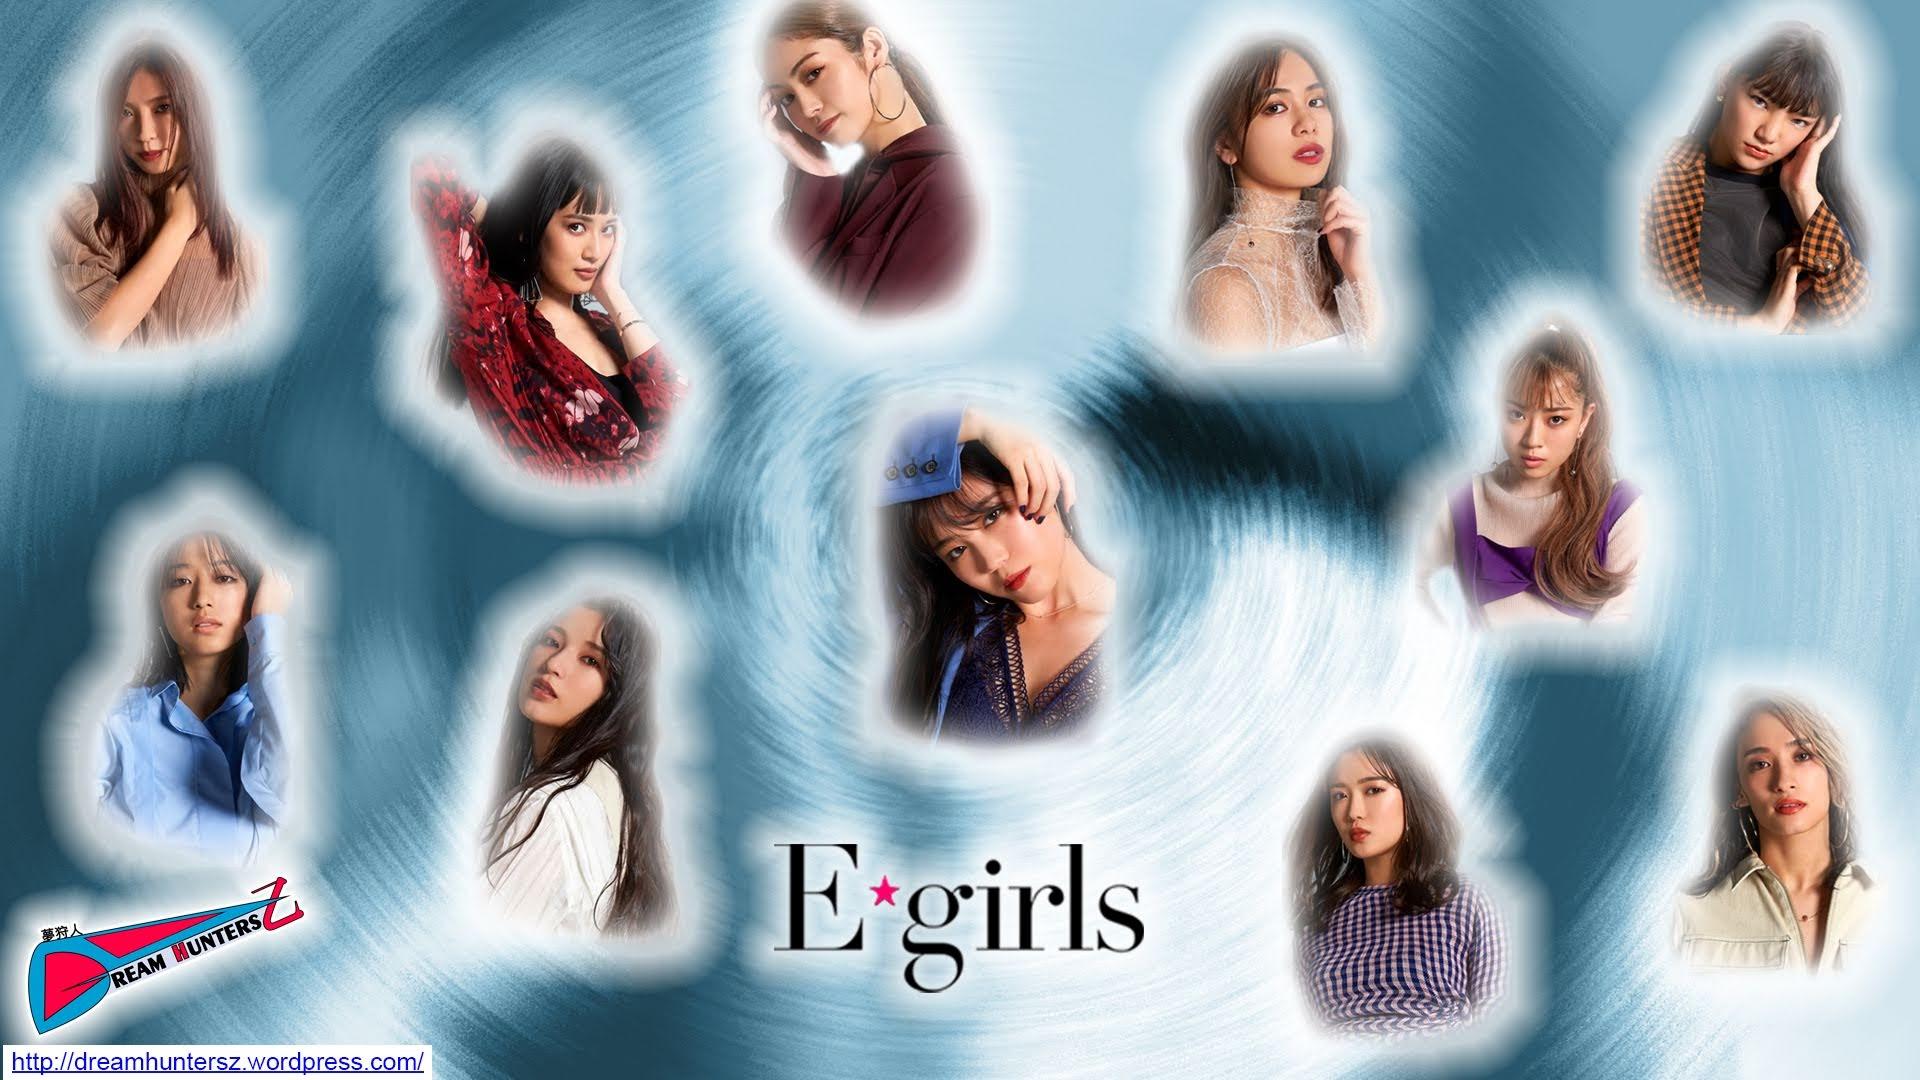 Shinsei E-girls, Easy come, Easy go - Montagem feita por mim.